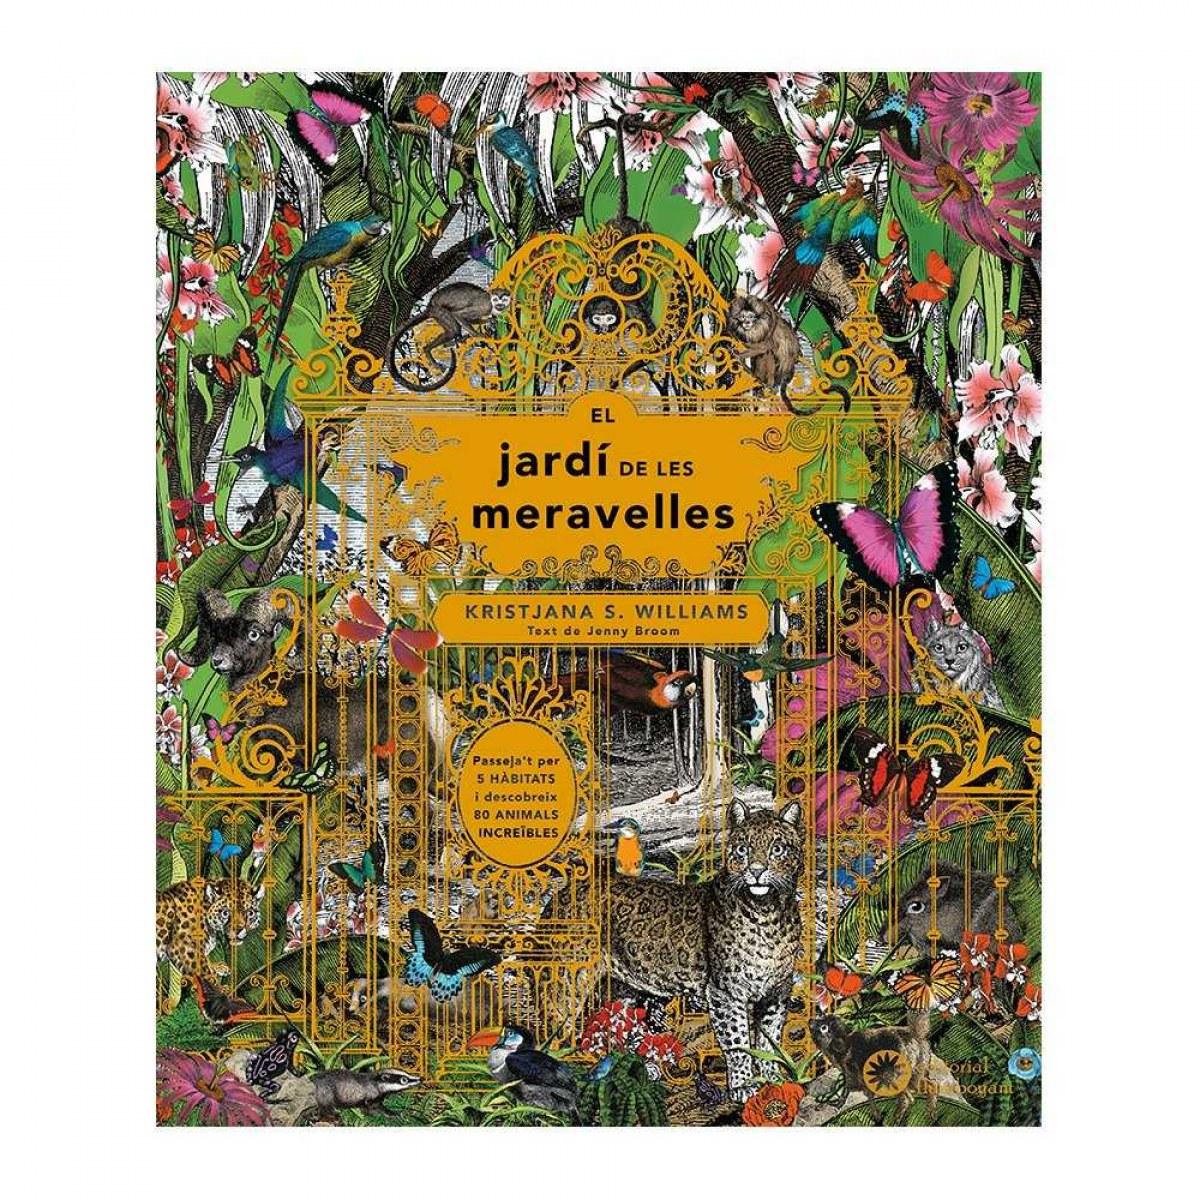 El jardi de les meravelles